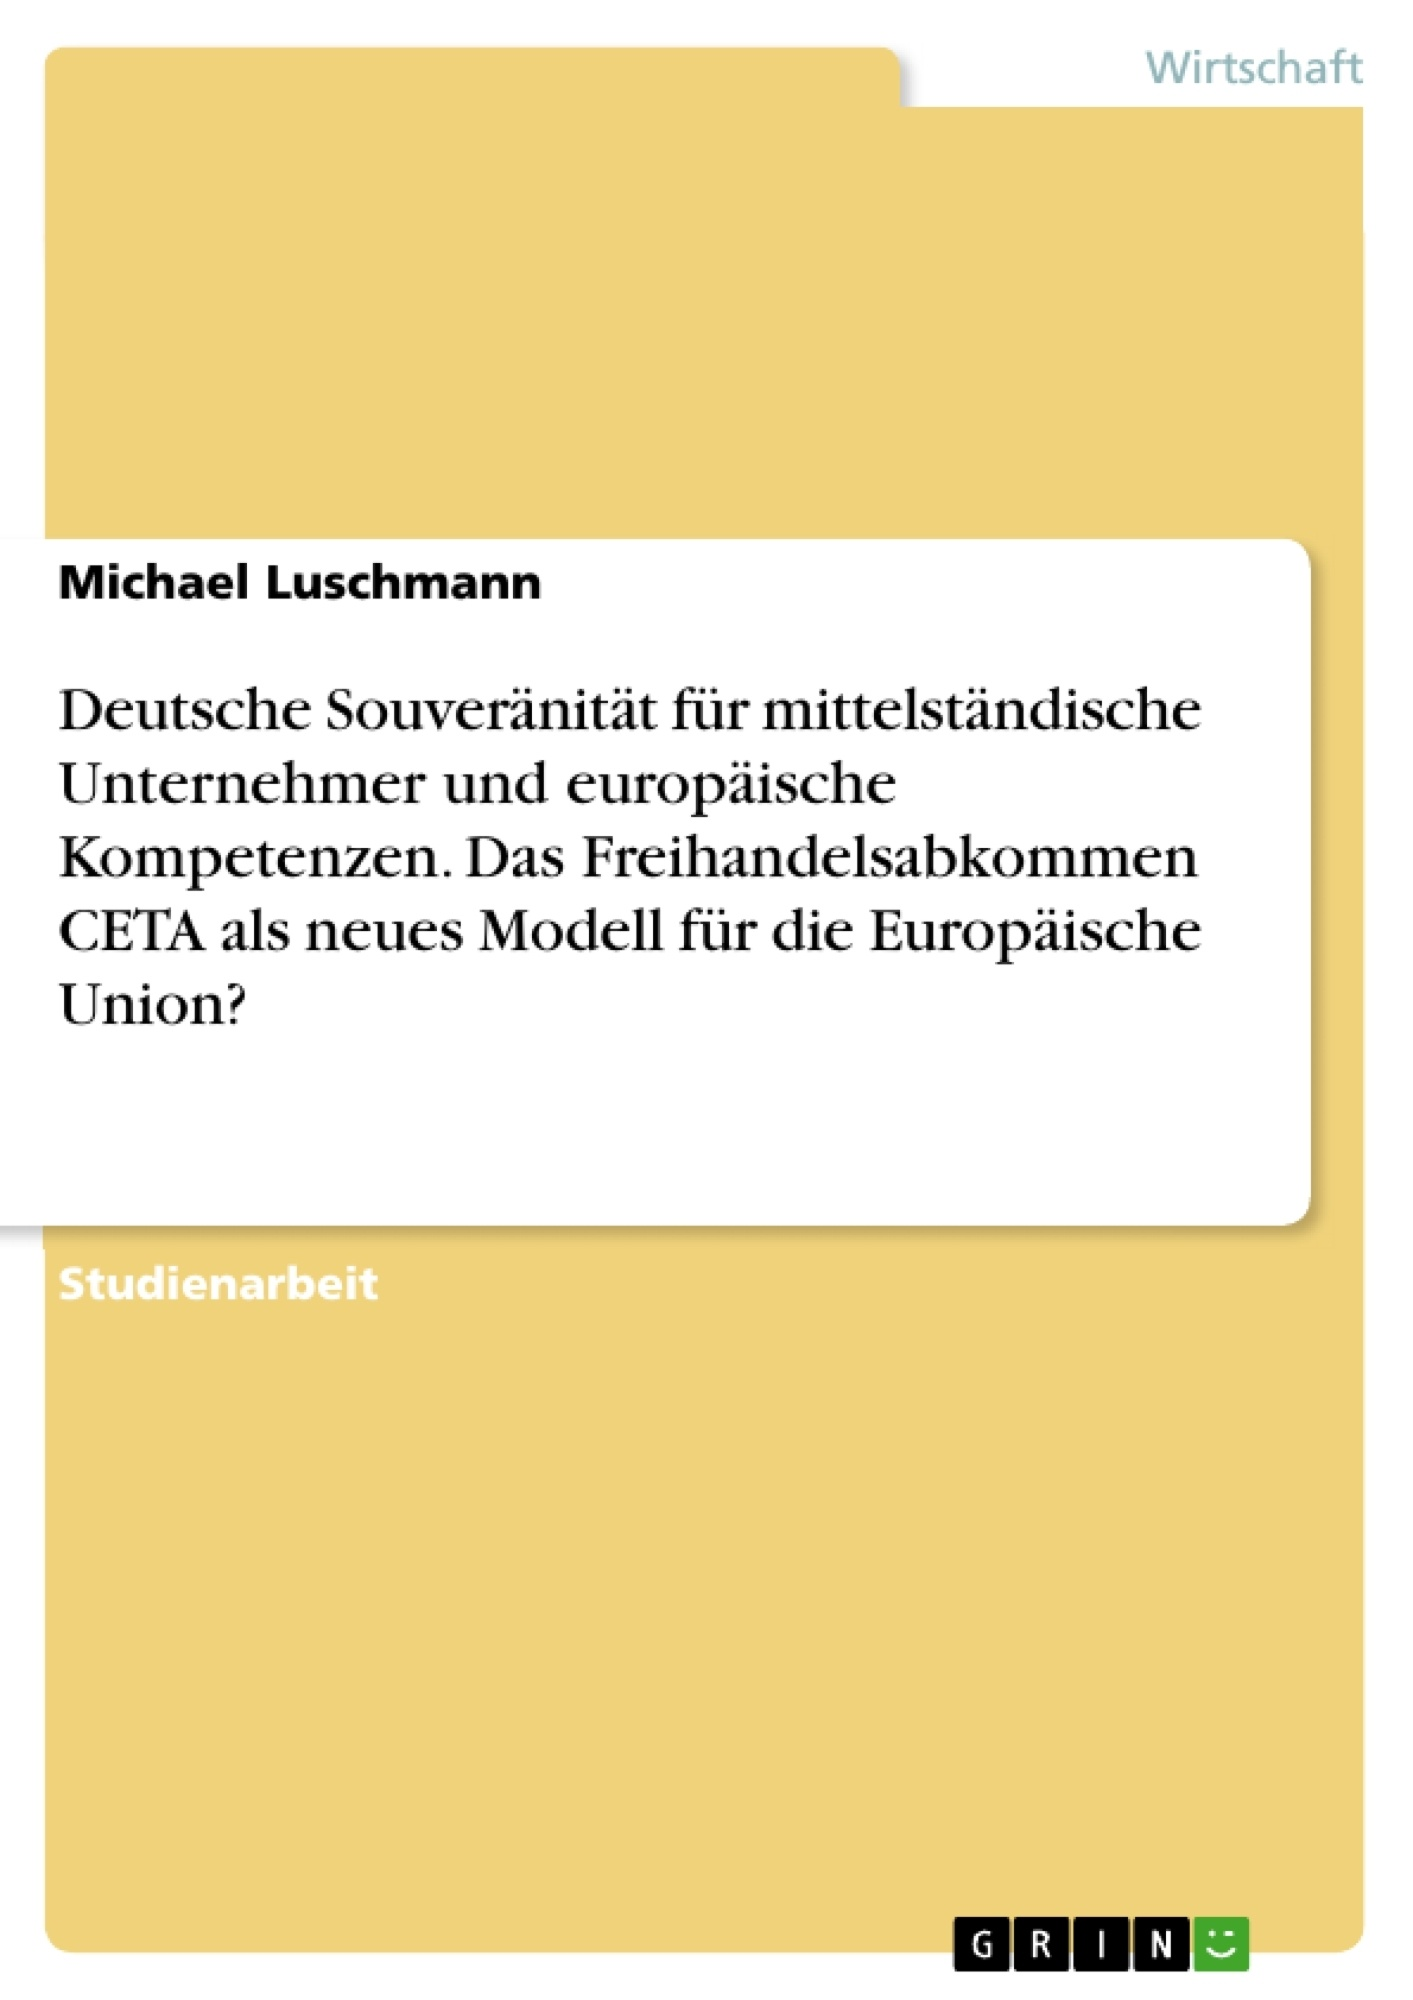 Titel: Deutsche Souveränität für mittelständische Unternehmer und europäische Kompetenzen. Das Freihandelsabkommen CETA als neues Modell für die Europäische Union?